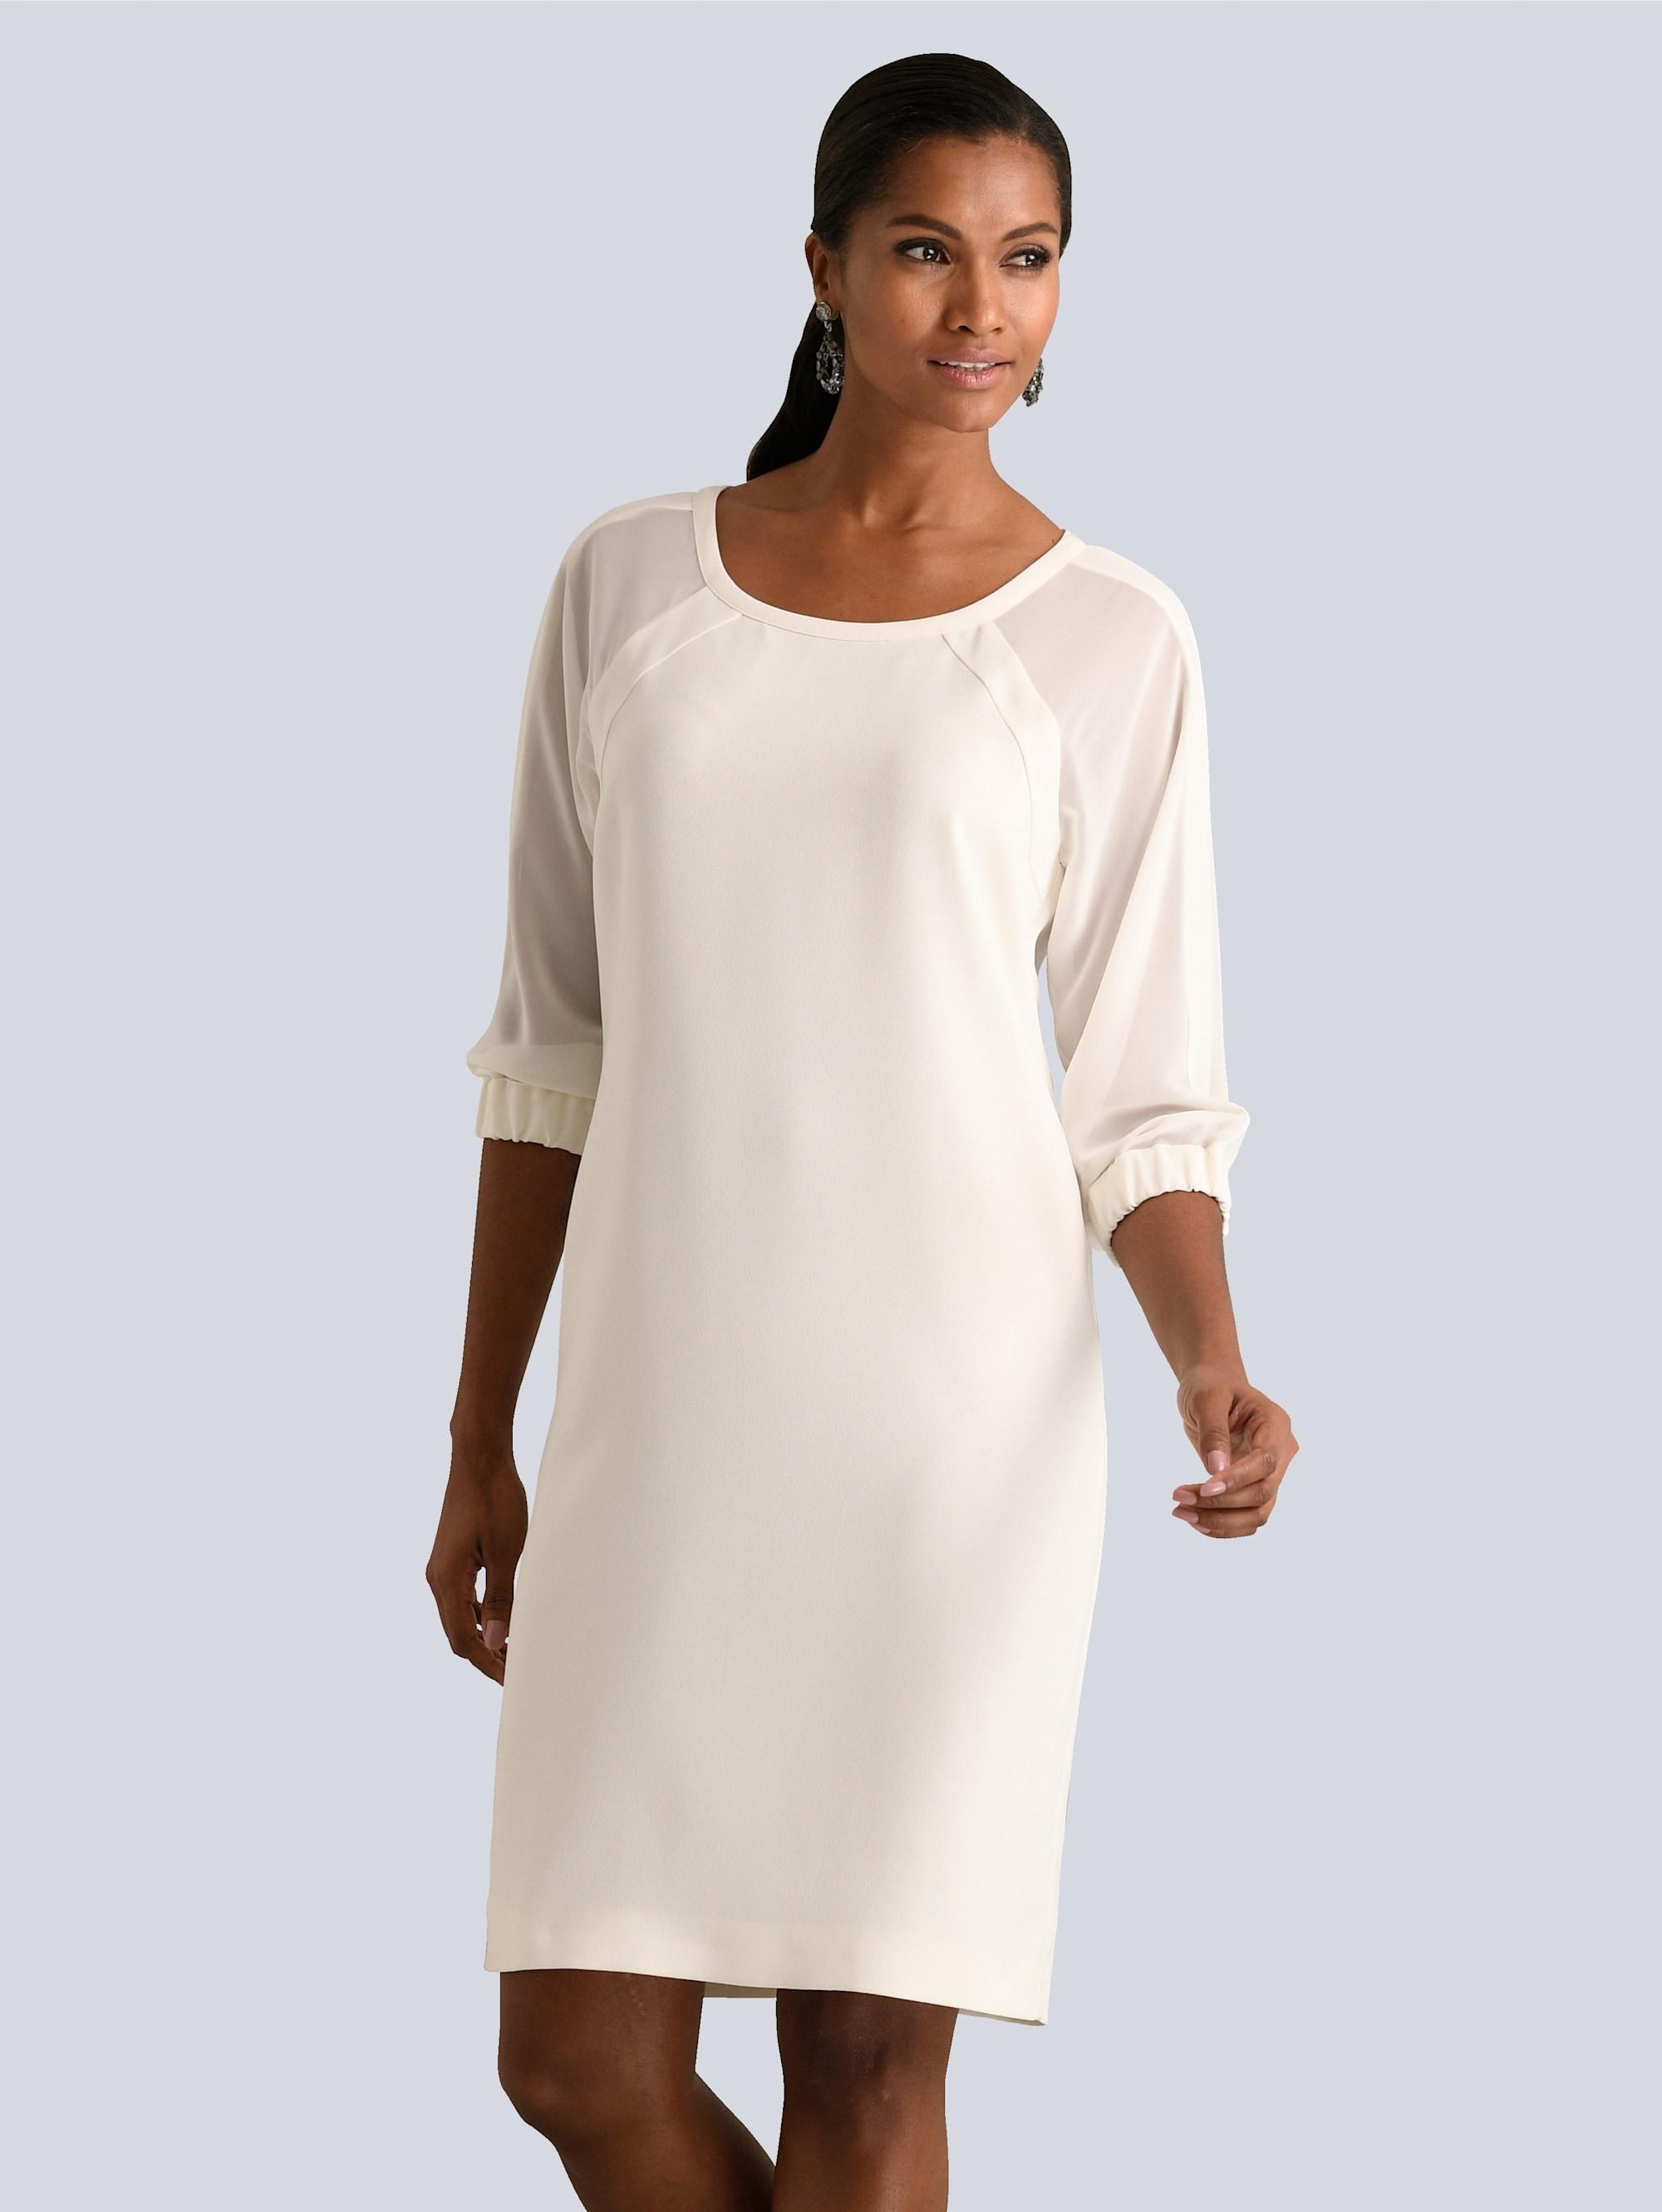 alba moda kleid mit transparenten chiffon-Ärmeln